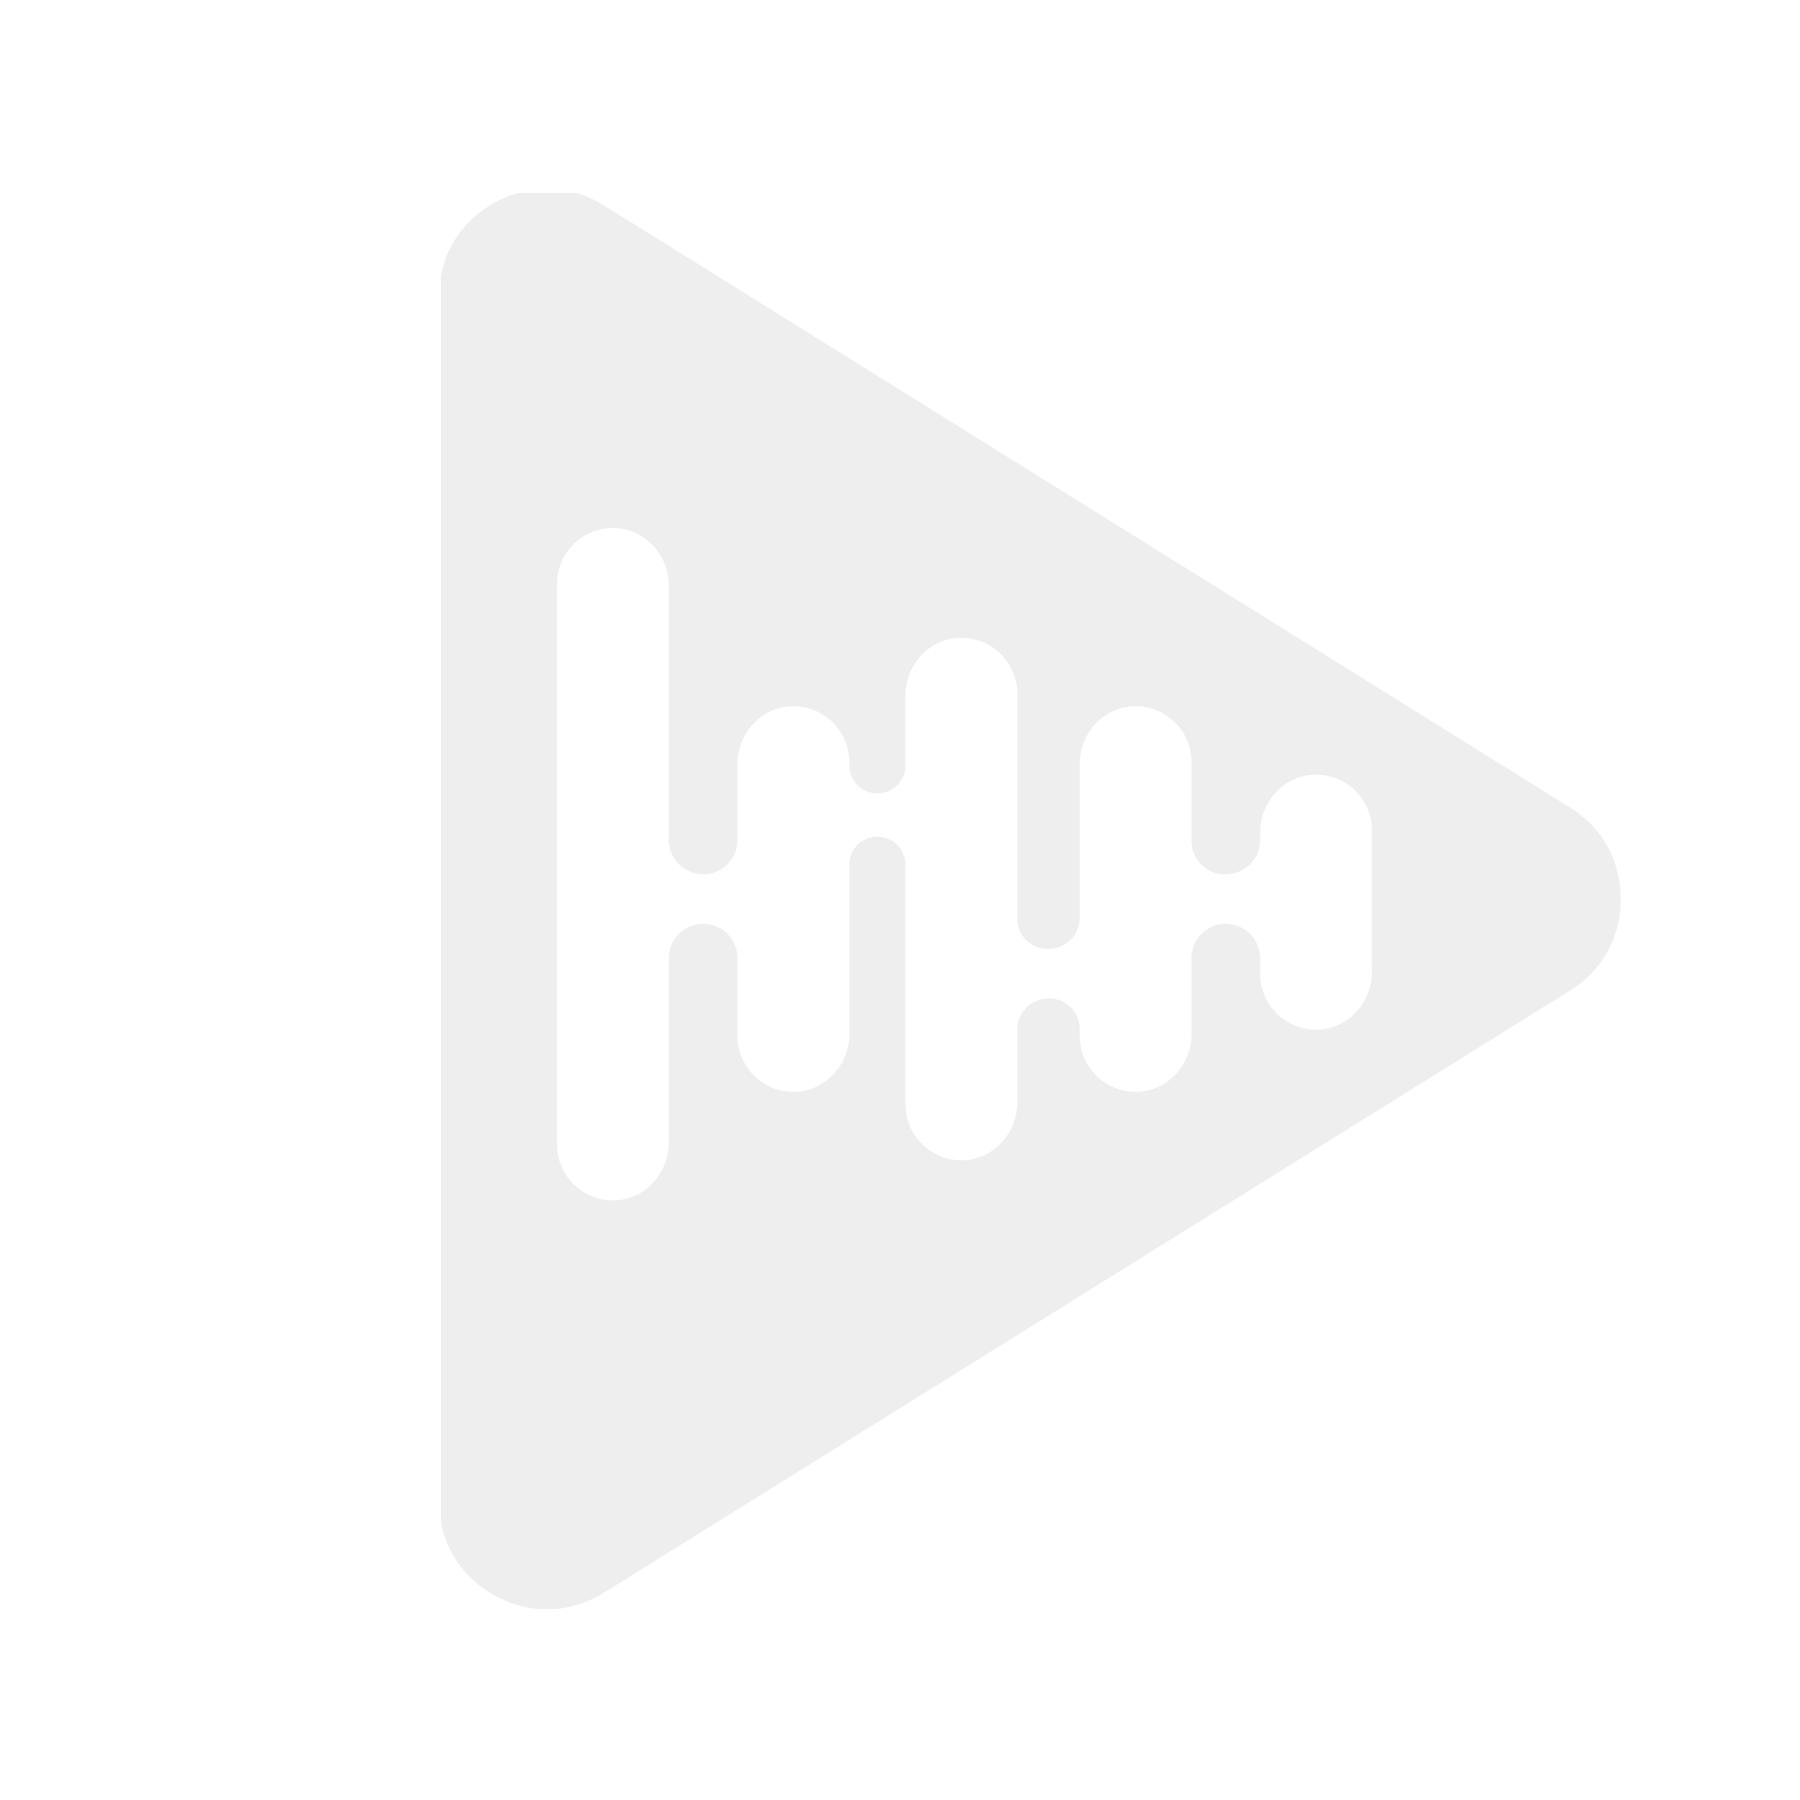 Canton 2746 - Erstatningsdiskant til Plus S, HC-3, GL 260